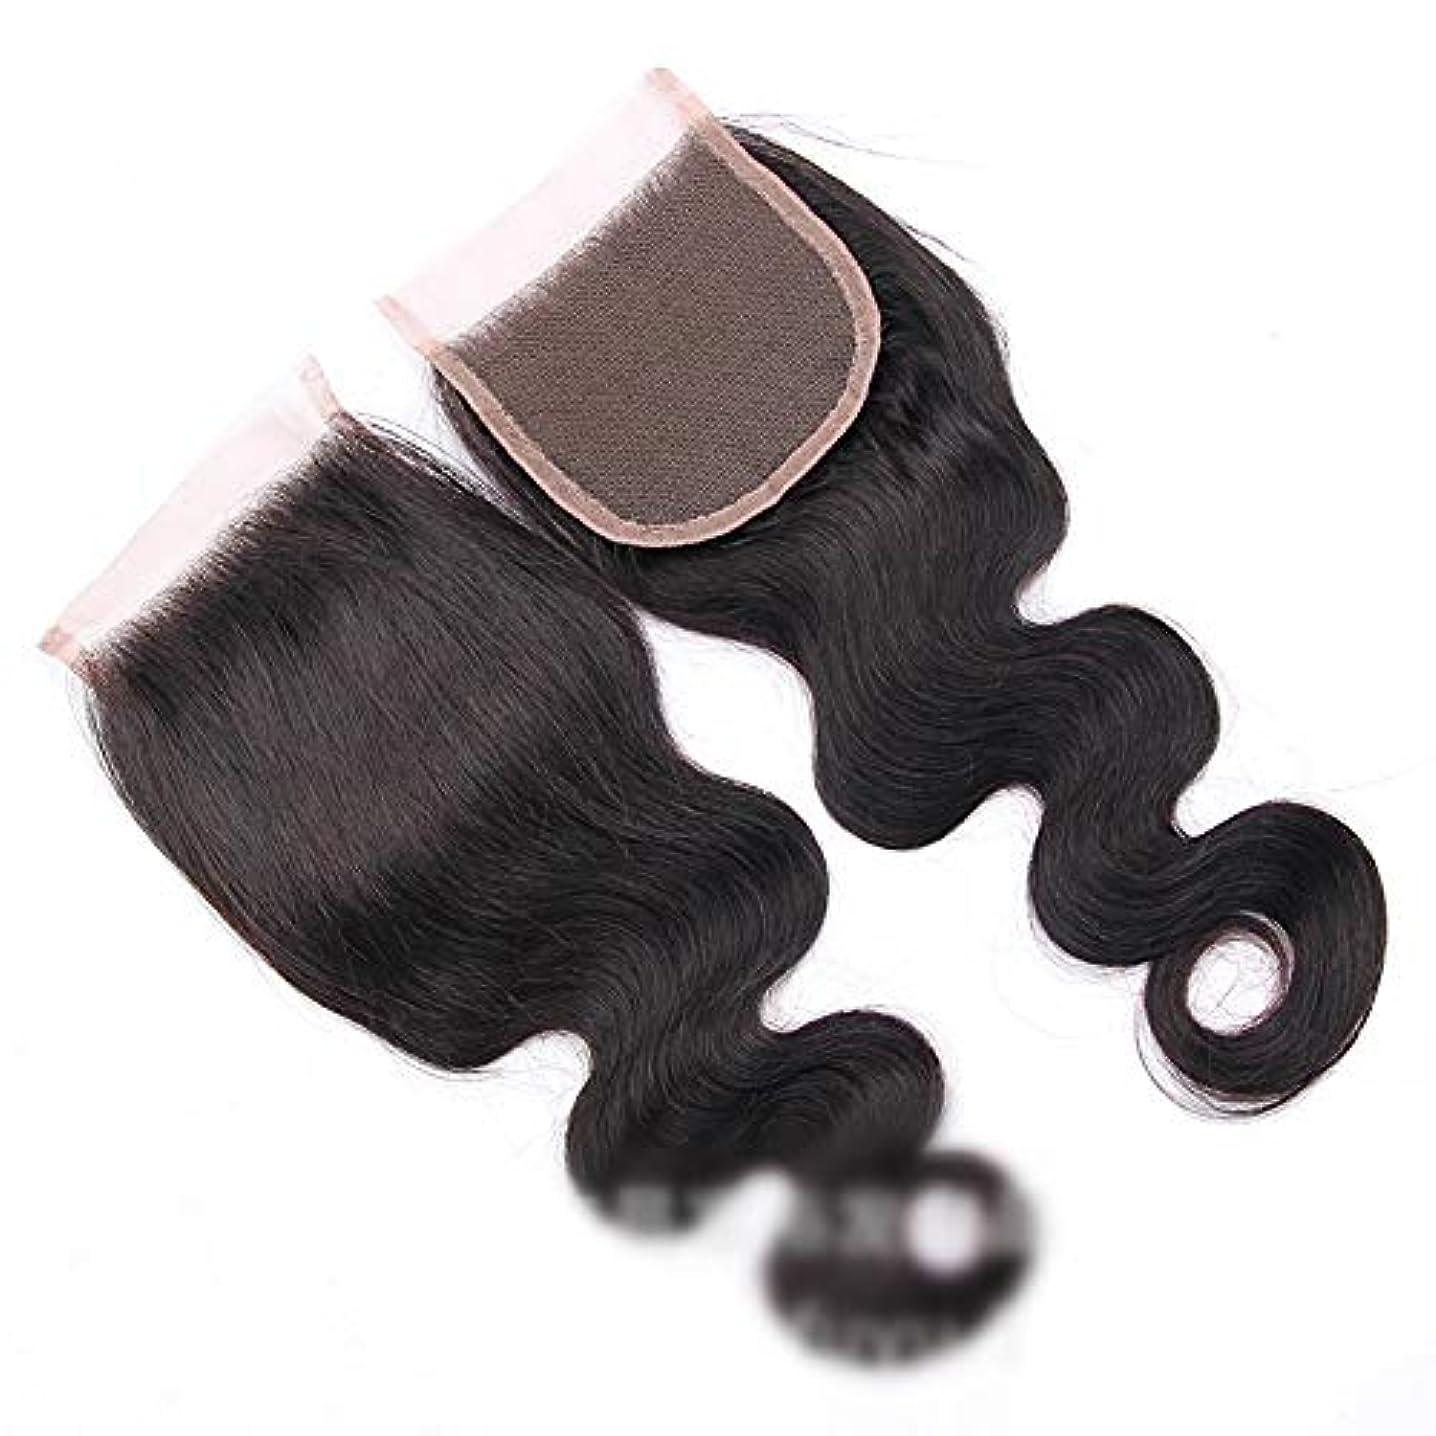 垂直ジョージハンブリー登場HOHYLLYA ブラジル実体波レース閉鎖無料パート100%バージン人間の髪の毛の閉鎖ナチュラルカラービッグウェーブウィッグ (色 : 黒, サイズ : 8 inch)